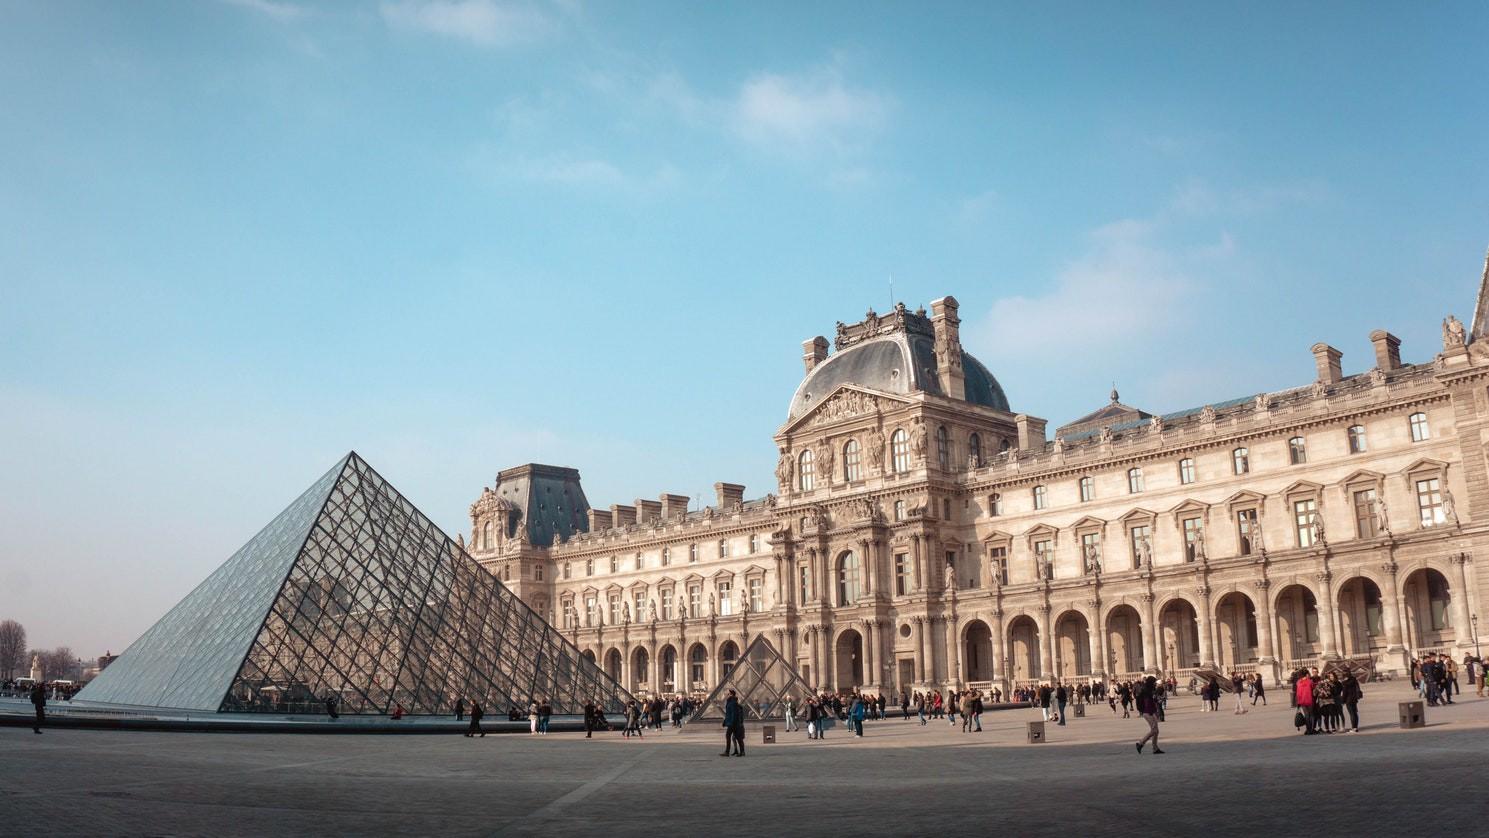 Bảo tàng Louvre (Pháp) buộc phải đóng cửa vì quá đông du khách kéo tới xem kiệt tác tranh nàng Mona Lisa - Ảnh 4.